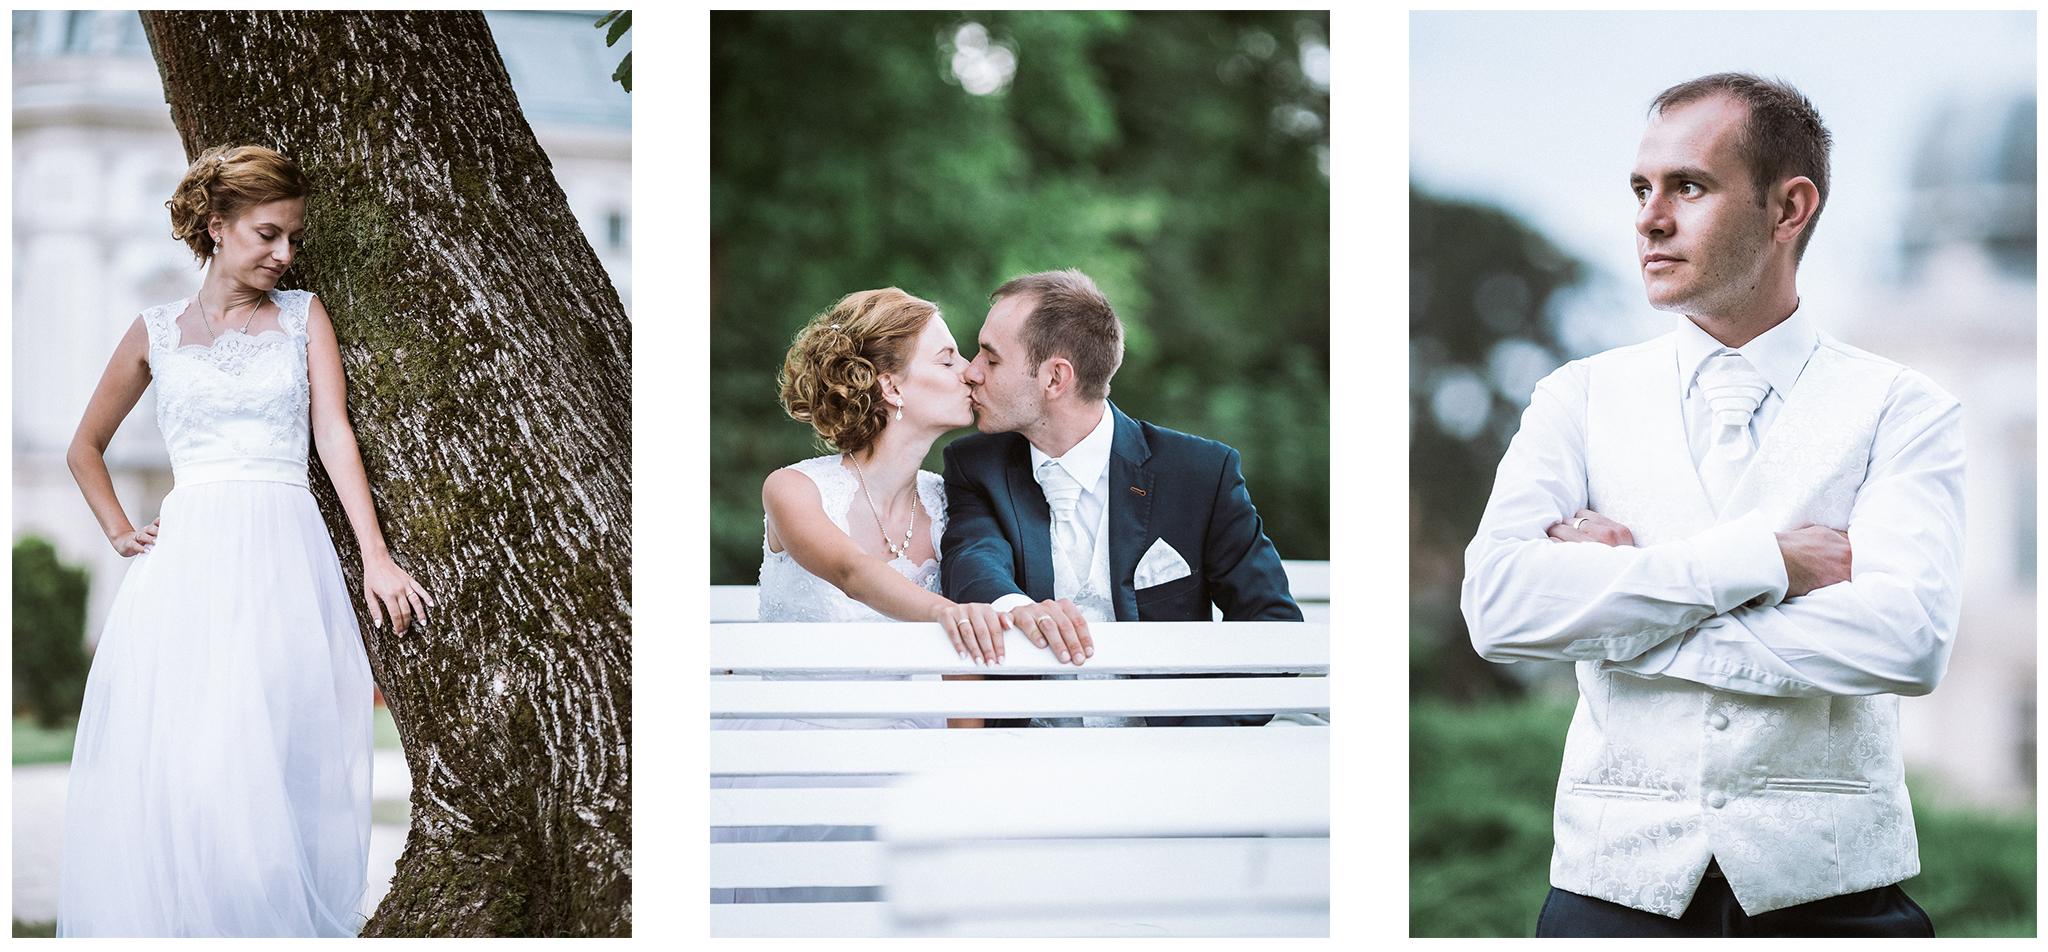 FylepPhoto, esküvőfotós, esküvői fotós Körmend, Szombathely, esküvőfotózás, magyarország, vas megye, prémium, jegyesfotózás, Fülöp Péter, körmend, kreatív, fotográfus_05.jpg